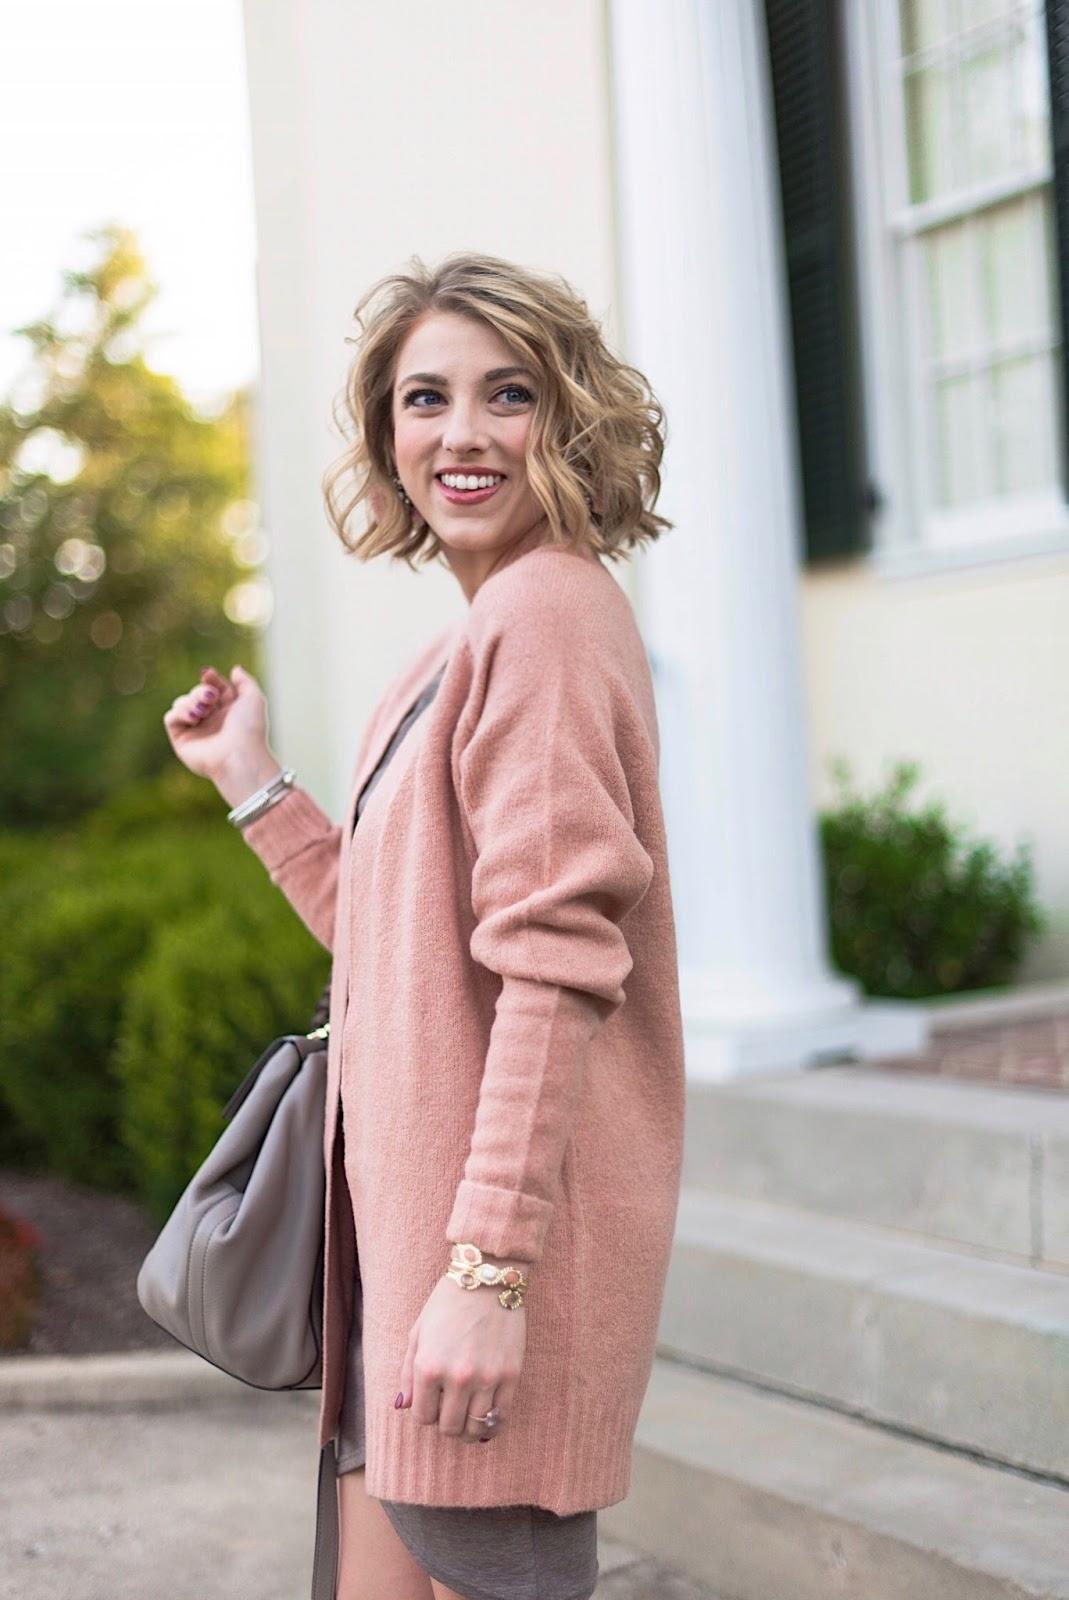 Rose Pink Cardigan - Something Delightful Blog